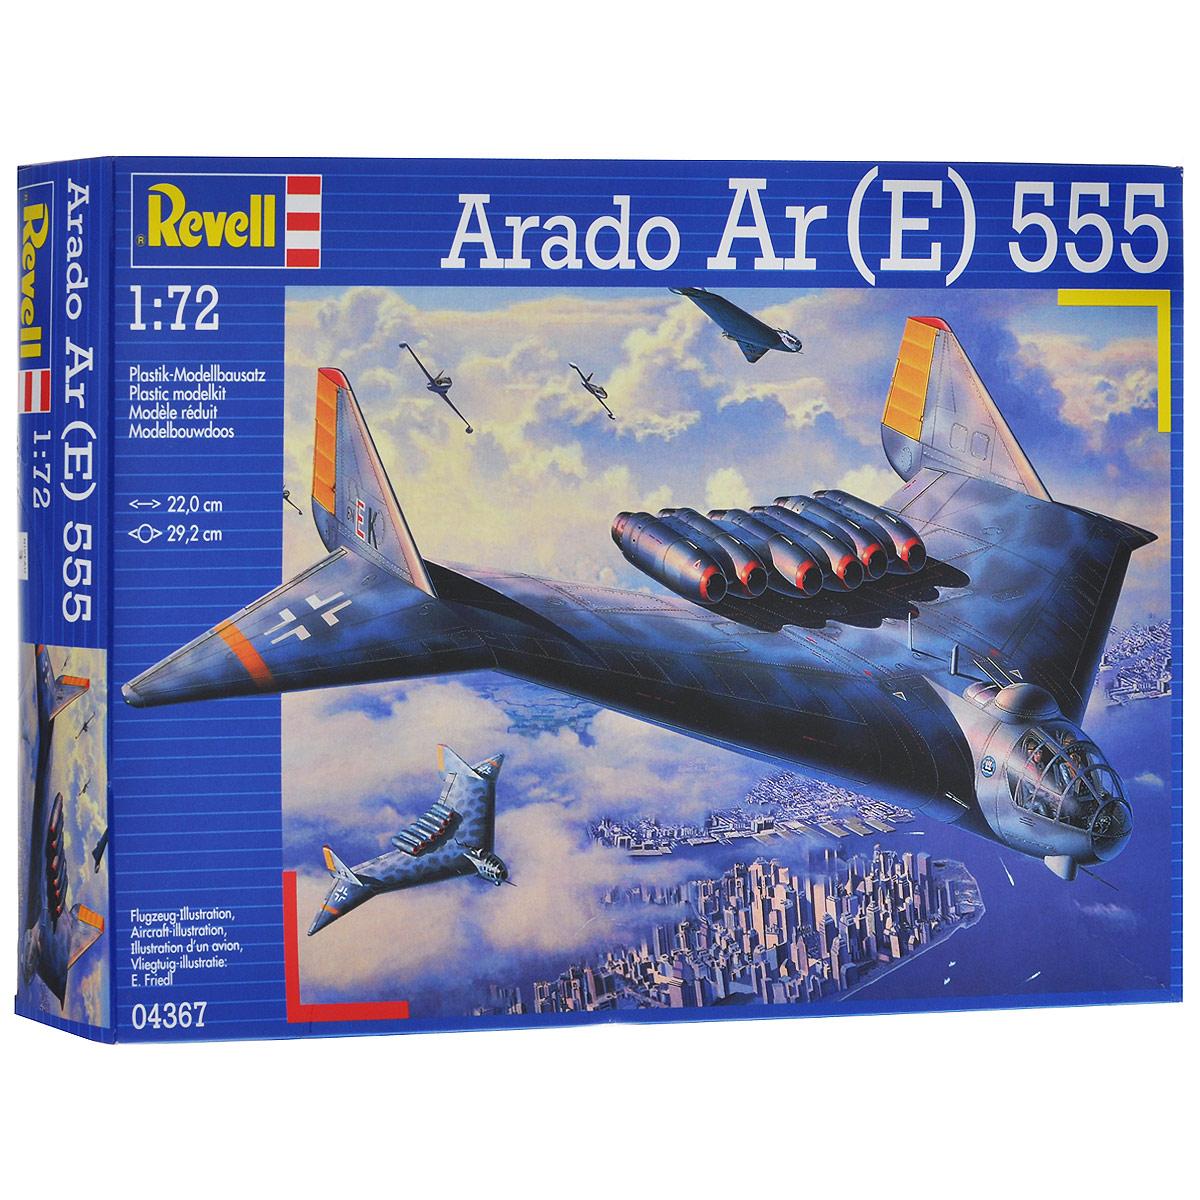 Сборная модель Revell Бомбардировщик Arado Ar (E) 5554367Сборная модель Revell Бомбардировщик Arado Ar (E) 555 поможет вам и вашему ребенку придумать увлекательное занятие на долгое время. Набор включает в себя 98 пластиковых элементов, из которых можно собрать достоверную уменьшенную копию одноименного бомбардировщика, разрабатывавшегося с 1943 года. Экипаж самолета состоял из трех человек, которые размещались в герметичной остекленной кабине. Предусматривалось следующее вооружение: 2 Mk-108, турель с парой Mg-151 за кабиной и турель с двумя MG-151 в задней части центроплана. Все работы по созданию самолета были свернуты 28 декабря 1944 года. Также в наборе схематичная инструкция по сборке. Процесс сборки развивает интеллектуальные и инструментальные способности, воображение и конструктивное мышление, а также прививает практические навыки работы со схемами и чертежами. Уровень сложности: 3. УВАЖАЕМЫЕ КЛИЕНТЫ! Обращаем ваше внимание на тот факт, что элементы для сборки не покрашены. Клей и краски в комплект...